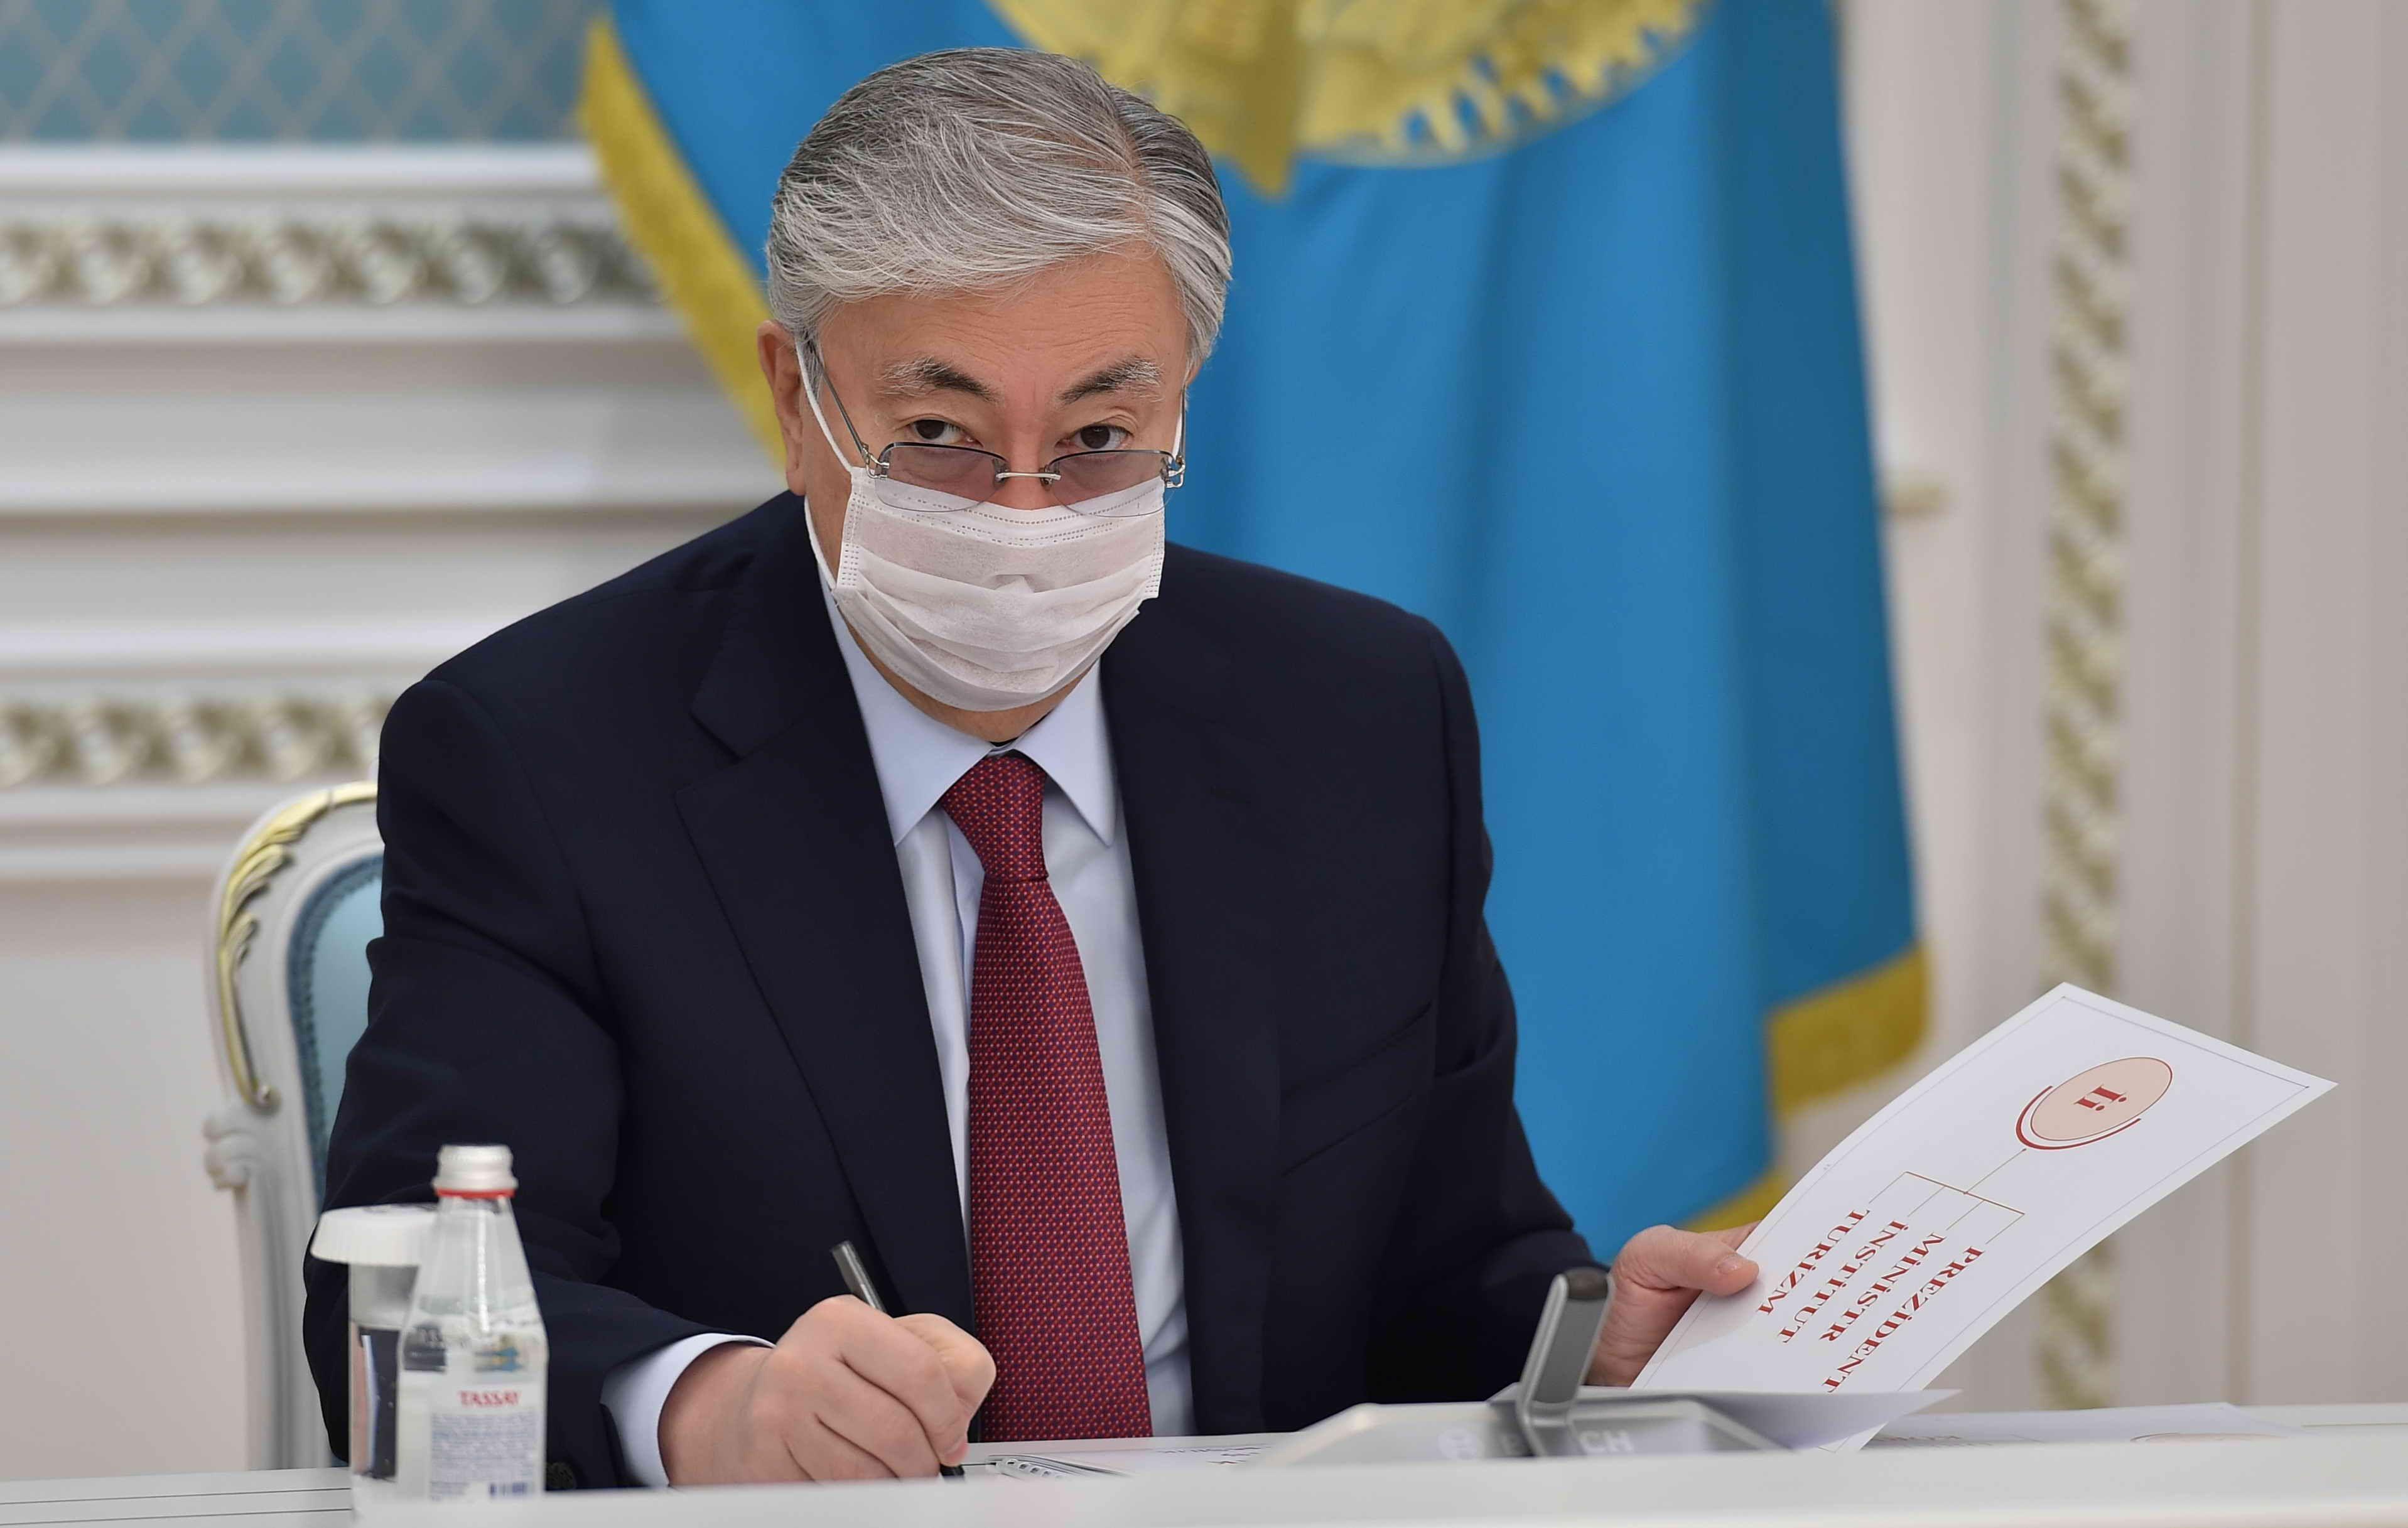 Президенту представили проект алфавита на латинице 490008 - Kapital.kz